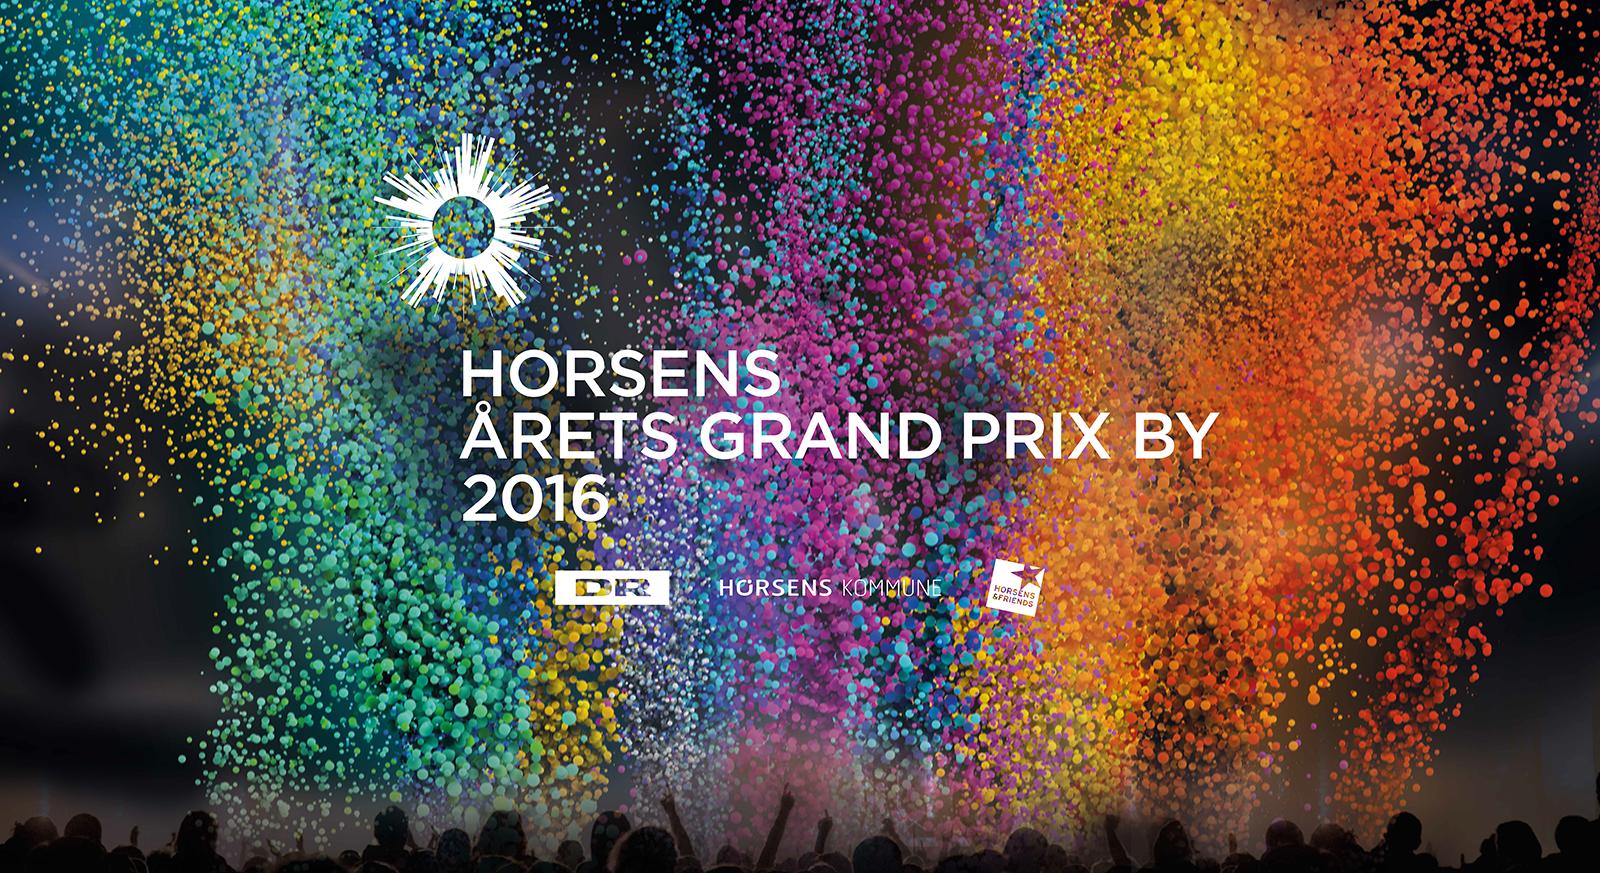 horsens2016.png